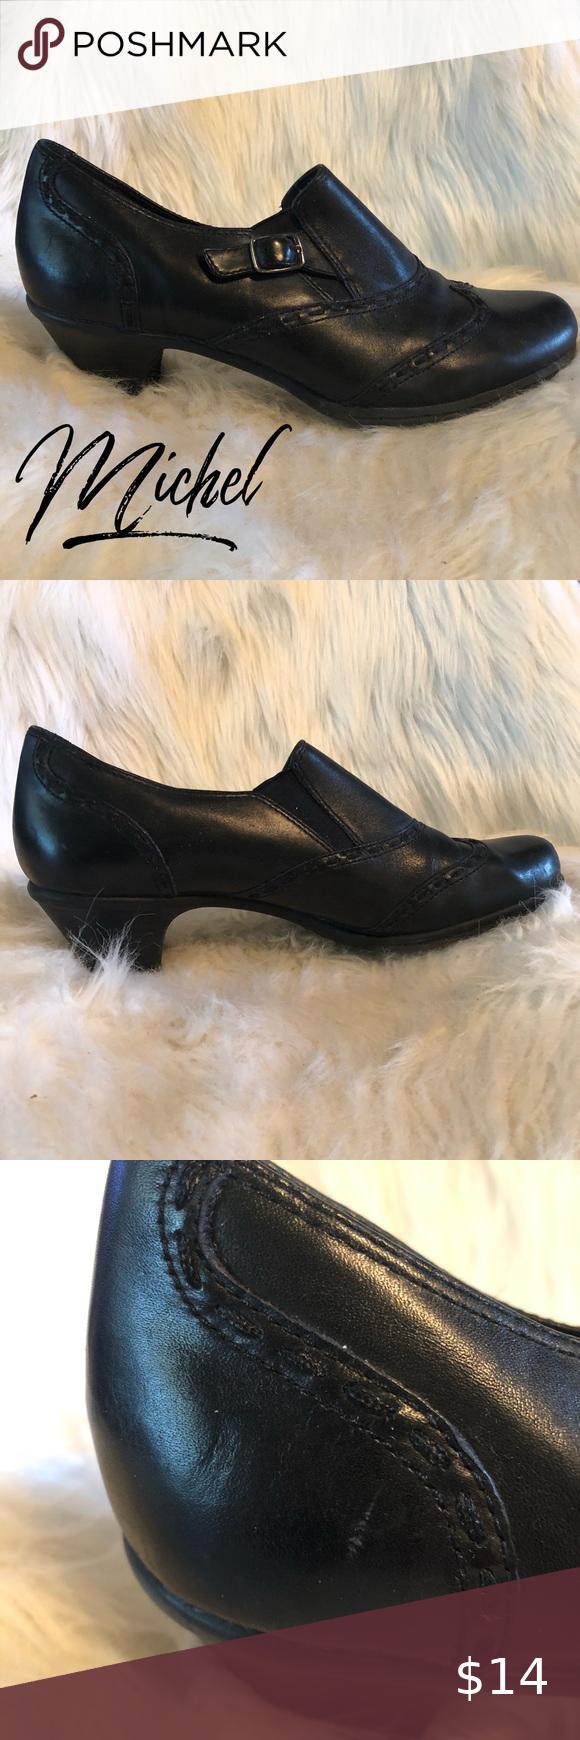 Michel M 10 Comfortable Black Dress Shoes Comfortable Black Dress Shoes Black Dress Shoes Dress Shoes [ 1740 x 580 Pixel ]